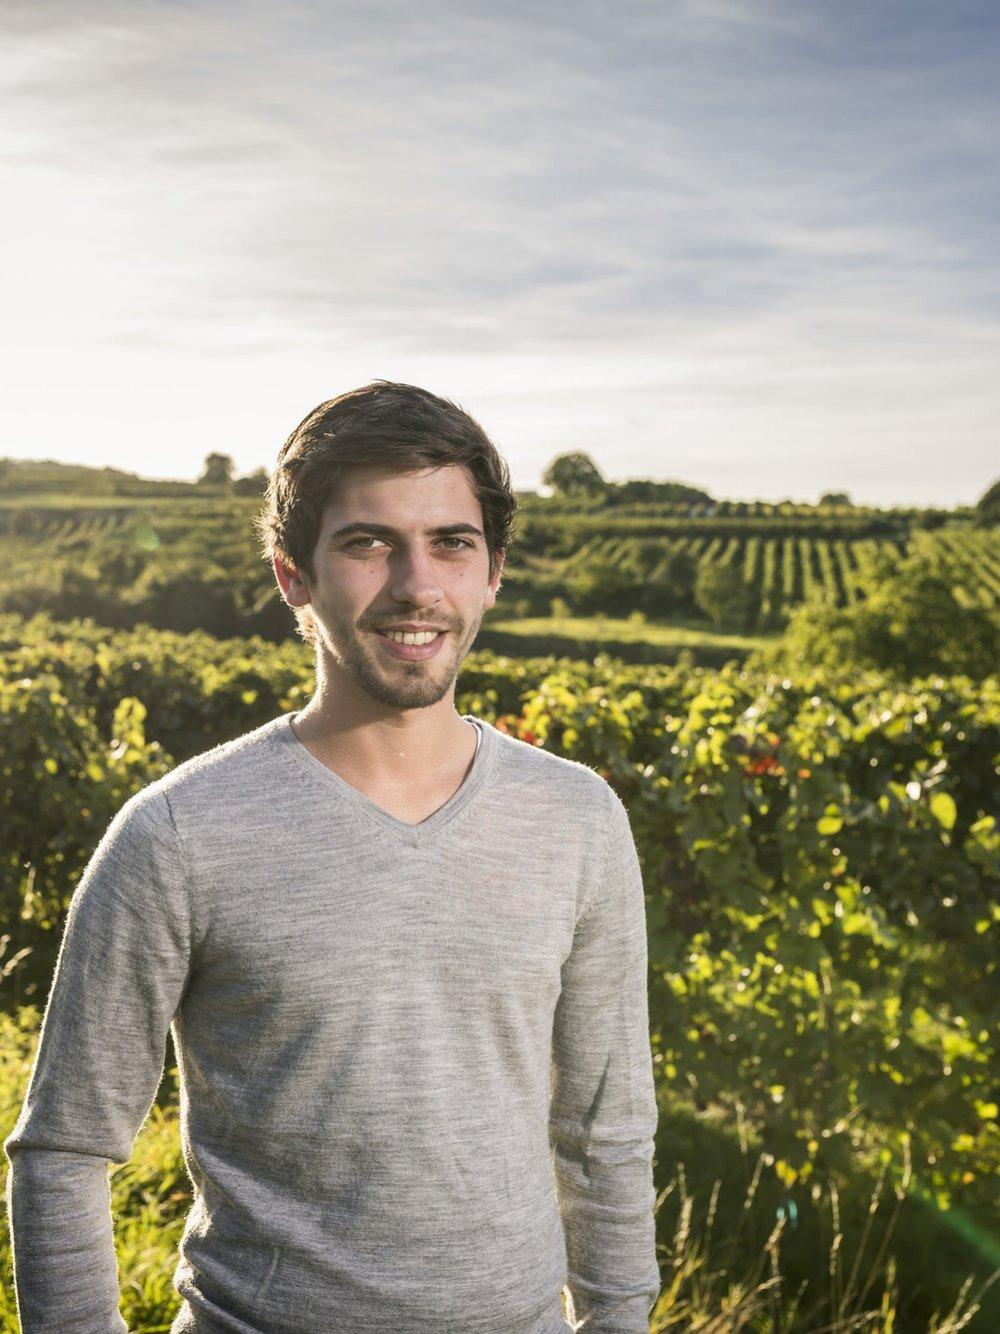 Martin - Martin hat viele Erfahrungen in den USA gesammelt. Er ist ebenfalls als Kellermeister tätig. Er unterstützt den heimischen Betrieb mit seinem Knowhow in den Weingärten, da er die Arbeit in der Natur sehr schätzt.